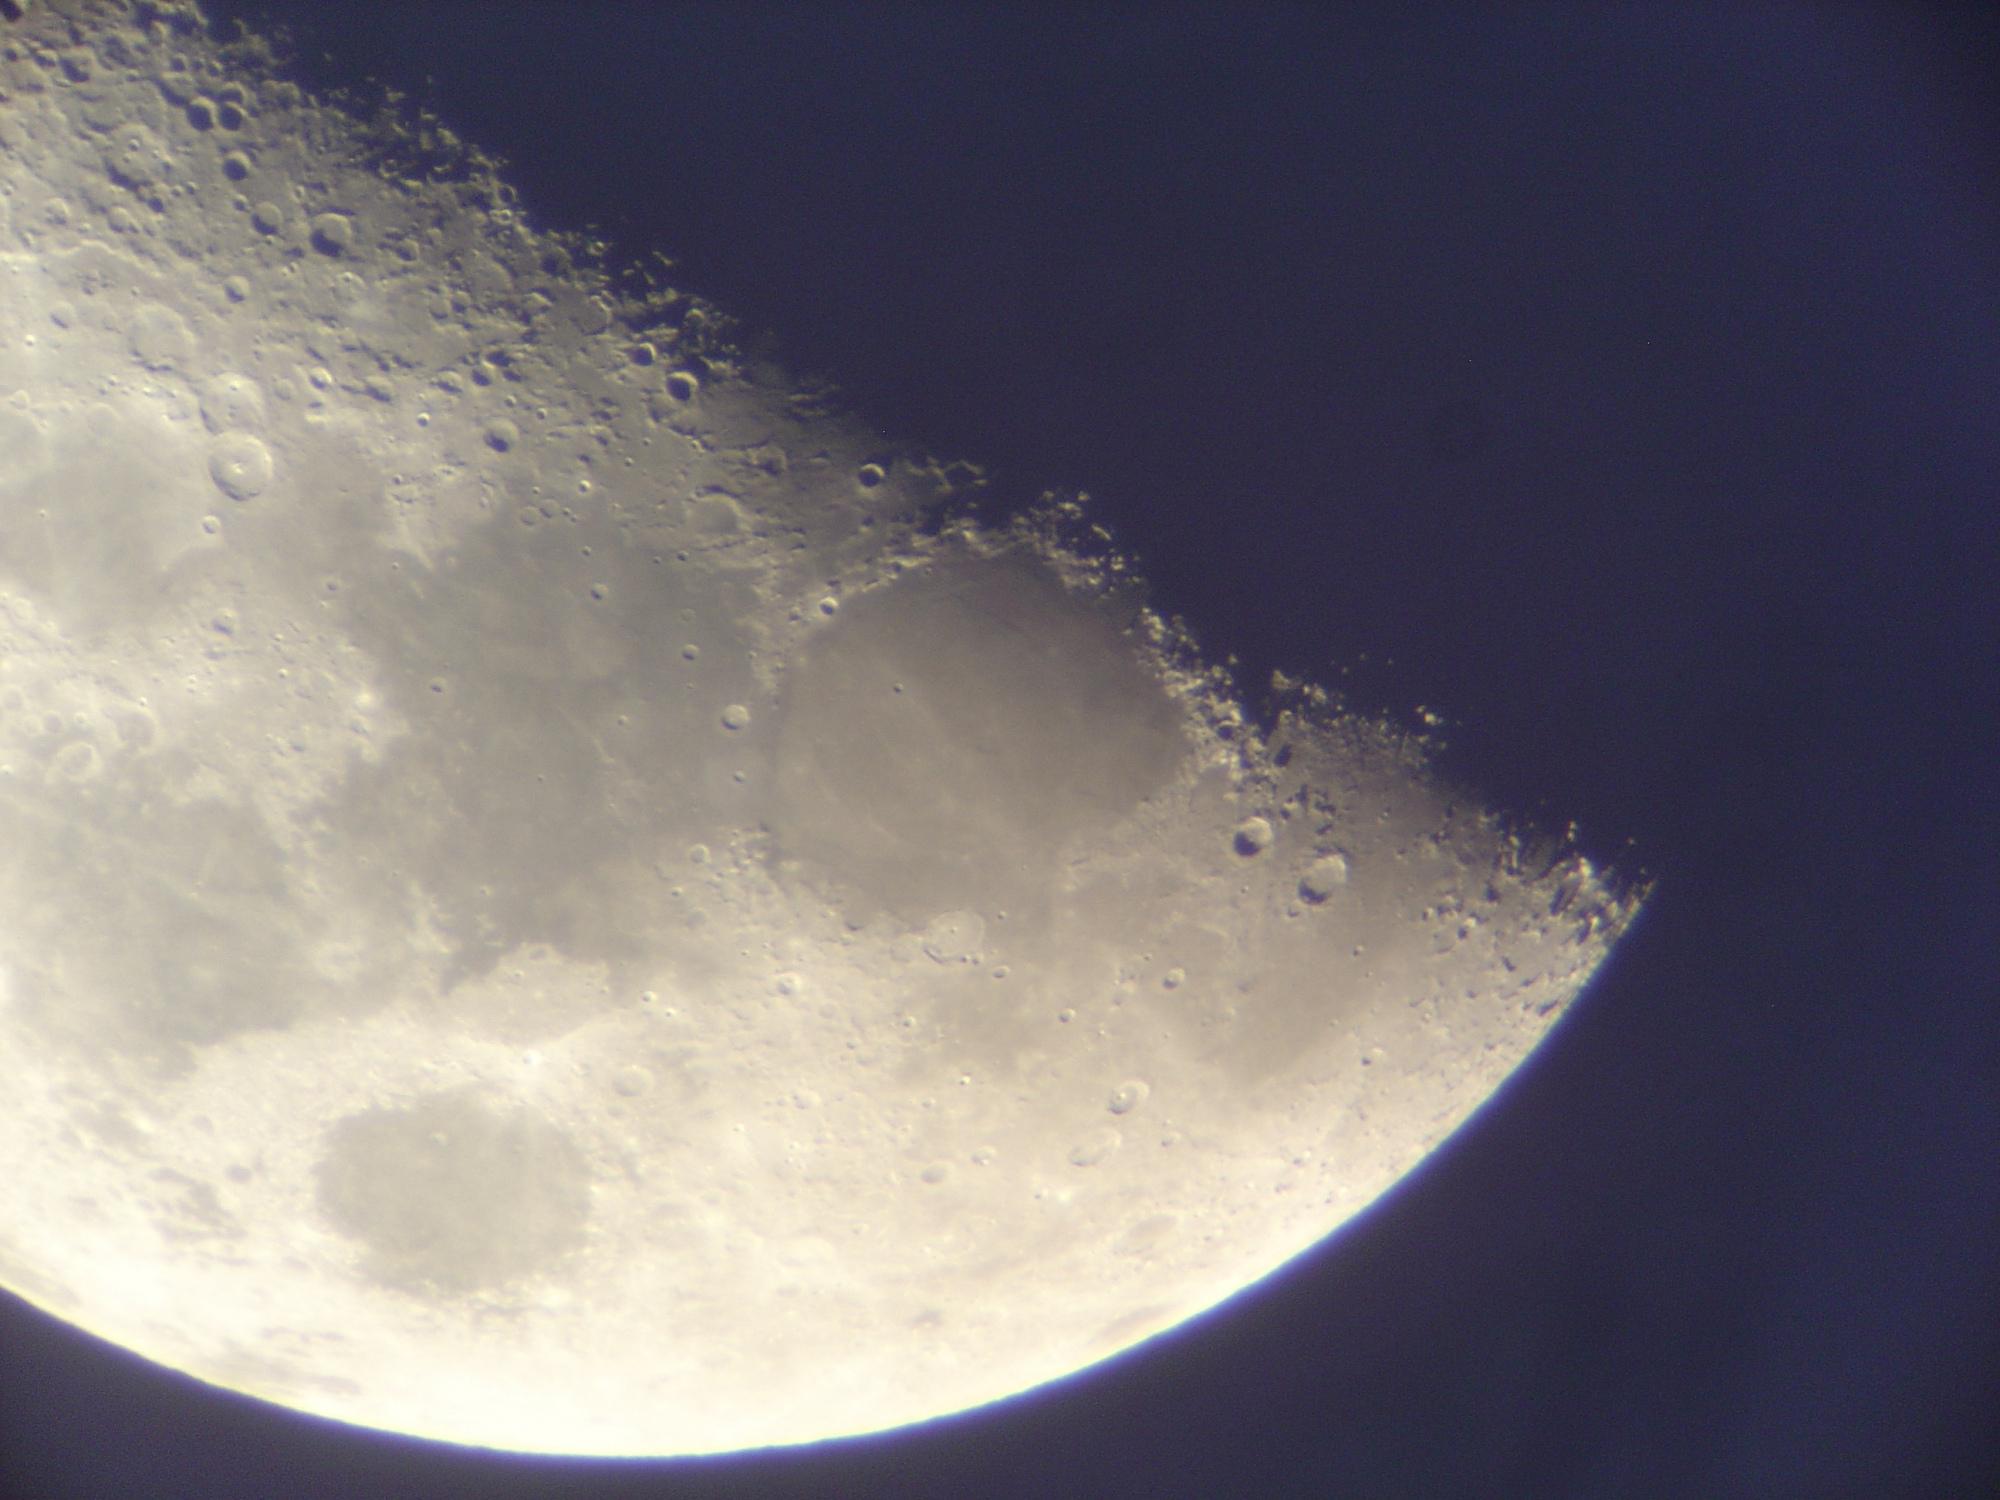 6 lune 150 newton nagler de 16 ou 9 .jpg